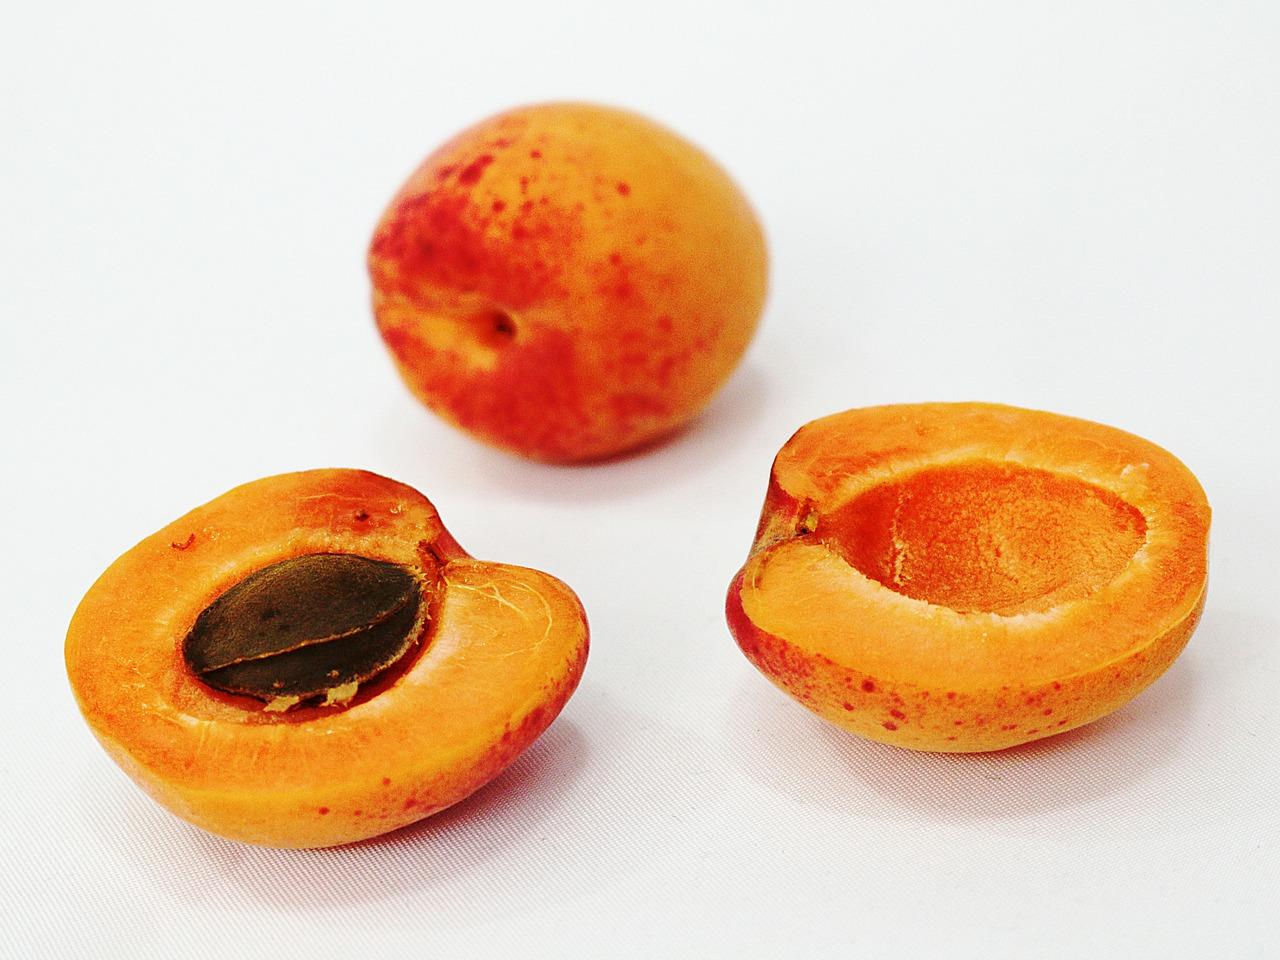 fruit-386594_1280-1.jpg